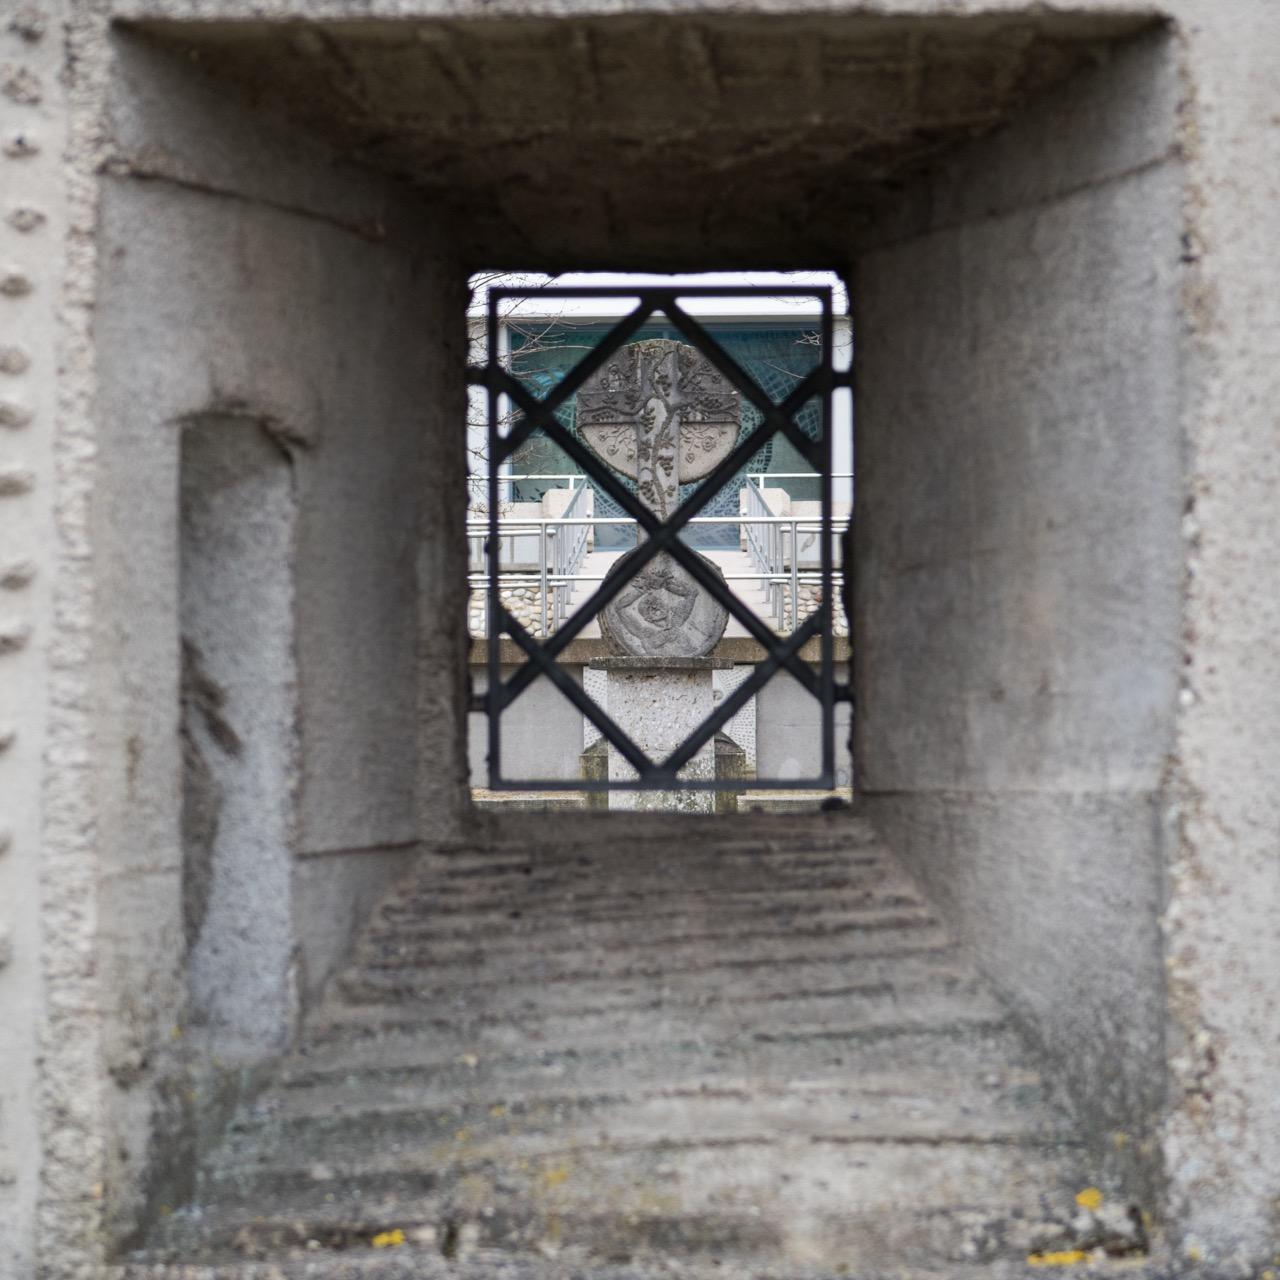 Durchblick durch den Johannesturm auf das Kreuz